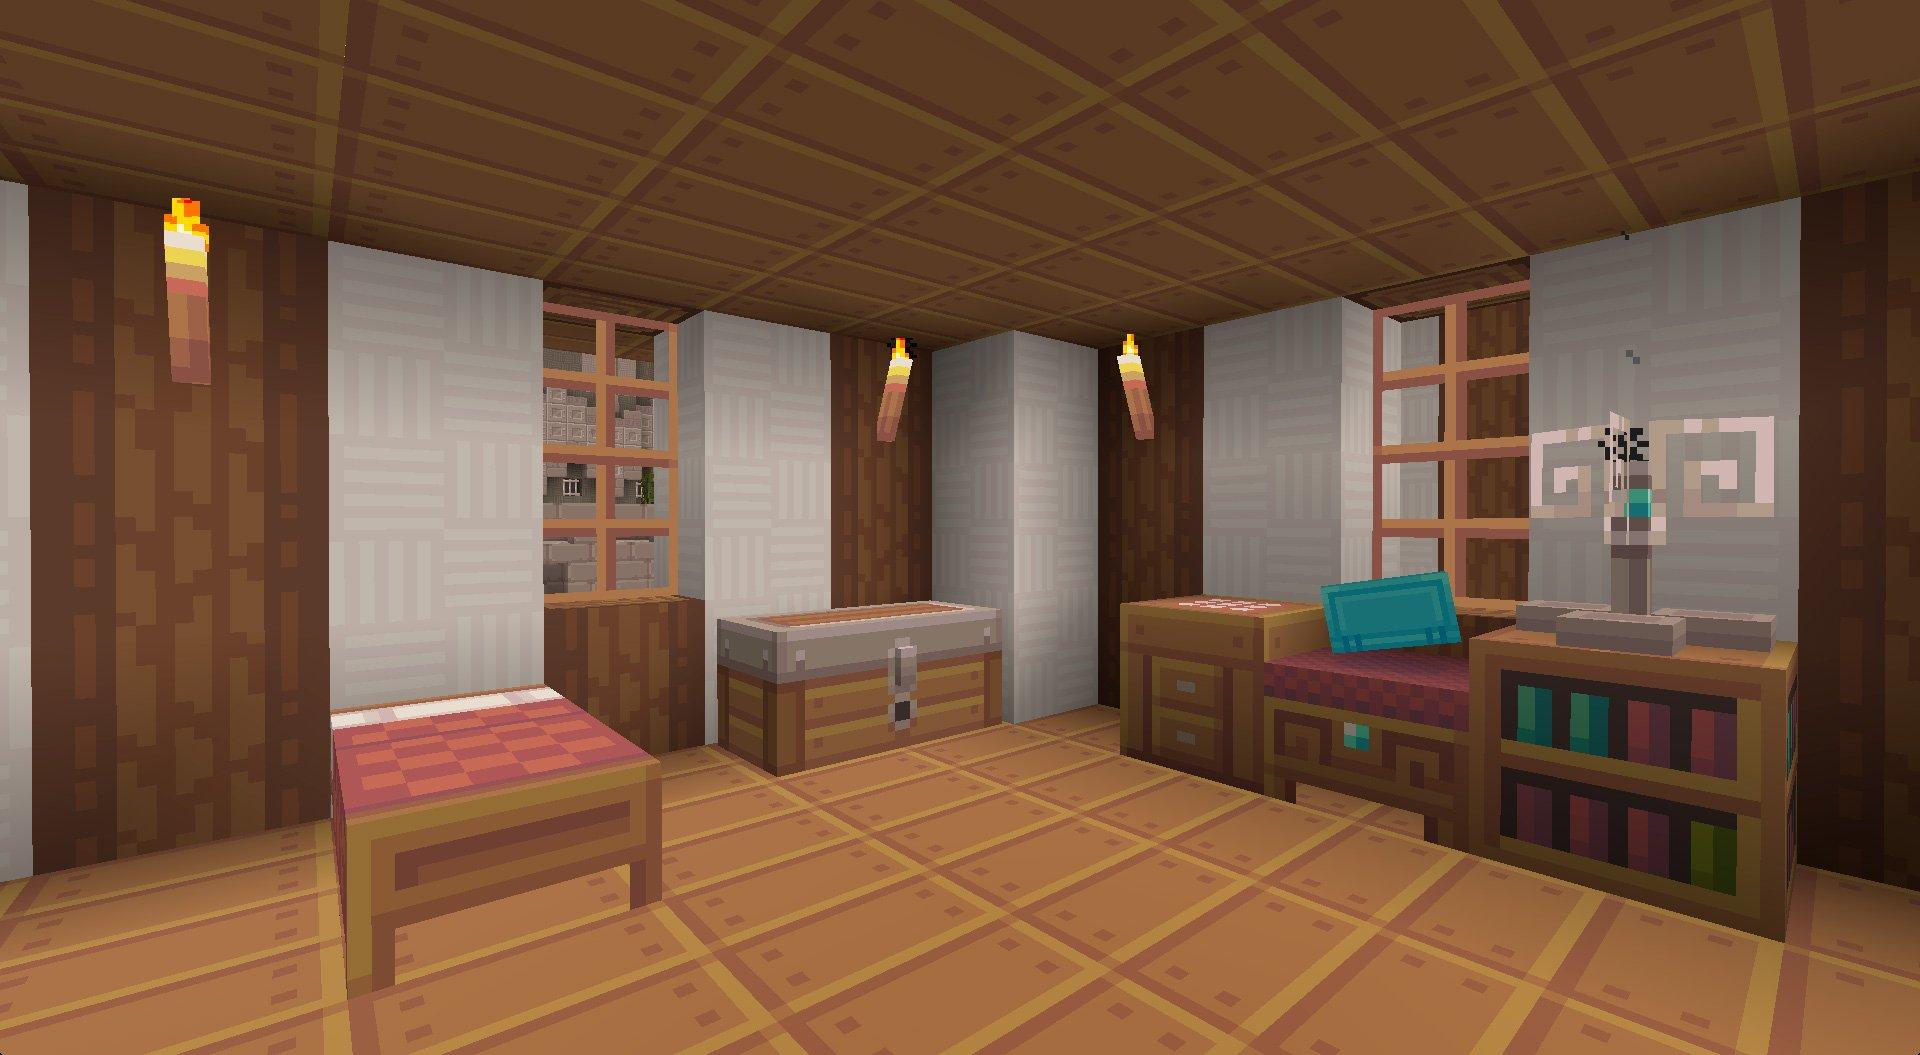 Dandelion Minecraft Texture Packs